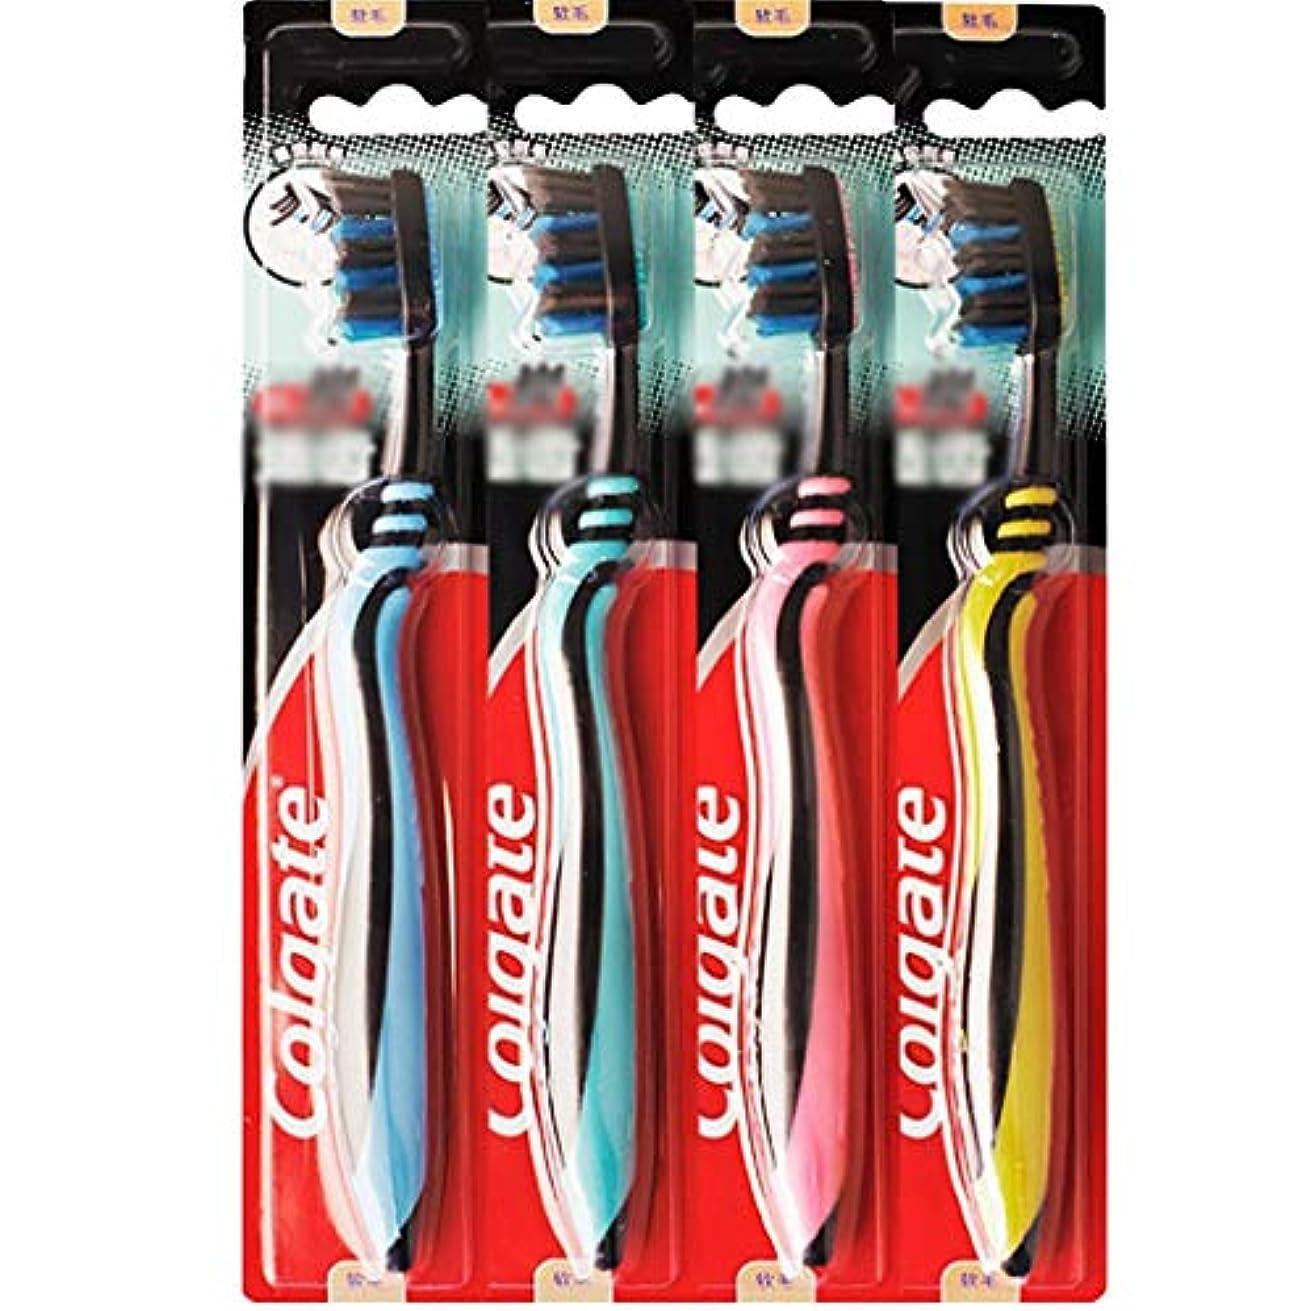 メタンフェード怒りマルチエフェクト歯ブラシ4大包装、炭と柔らかい髪、歯の深いクリーニング